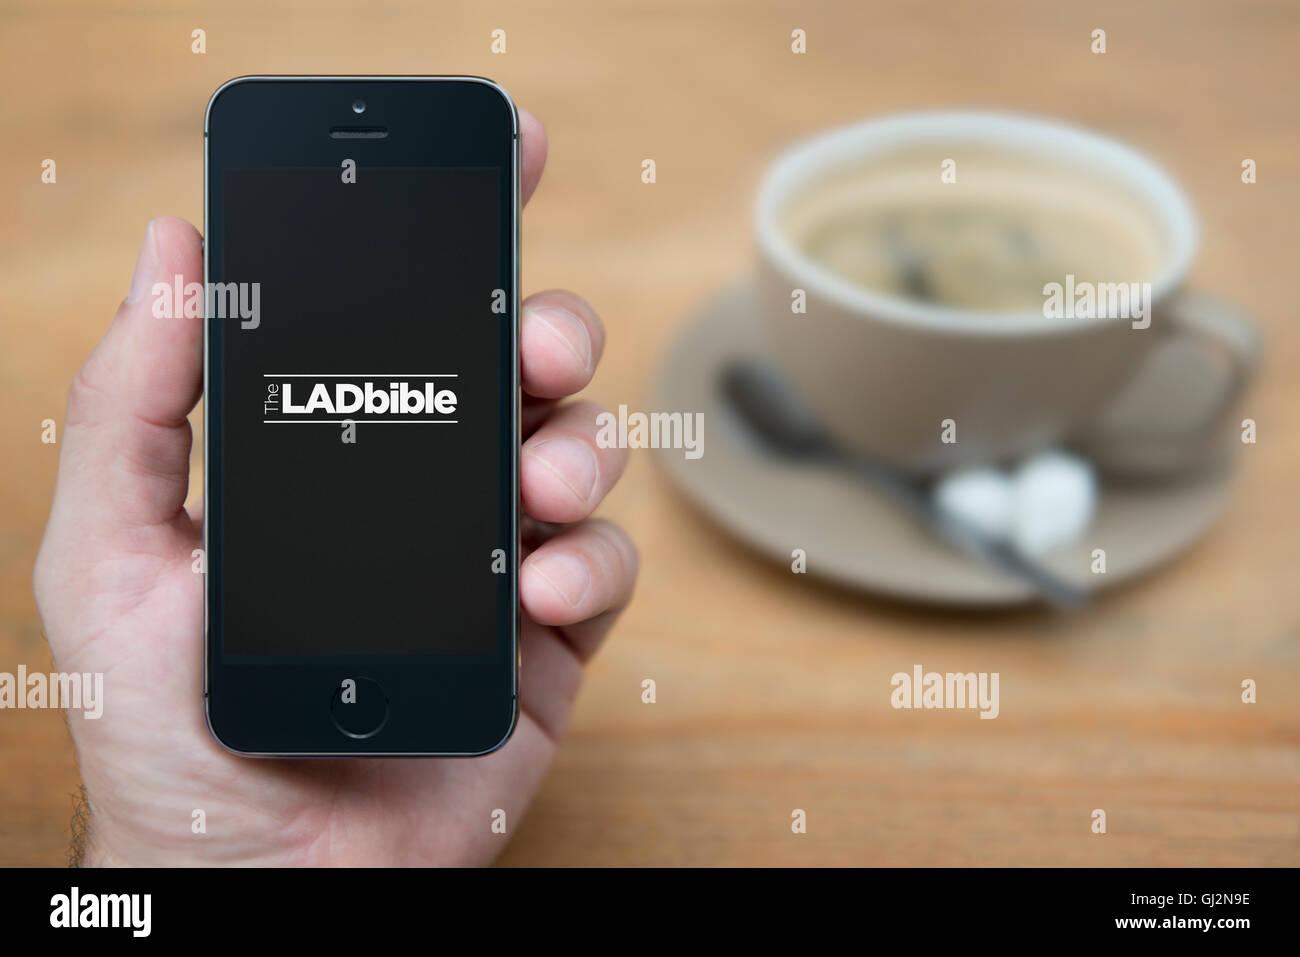 Un uomo guarda al suo iPhone che visualizza la Bibbia Lad logo, mentre sat con una tazza di caffè (solo uso Immagini Stock